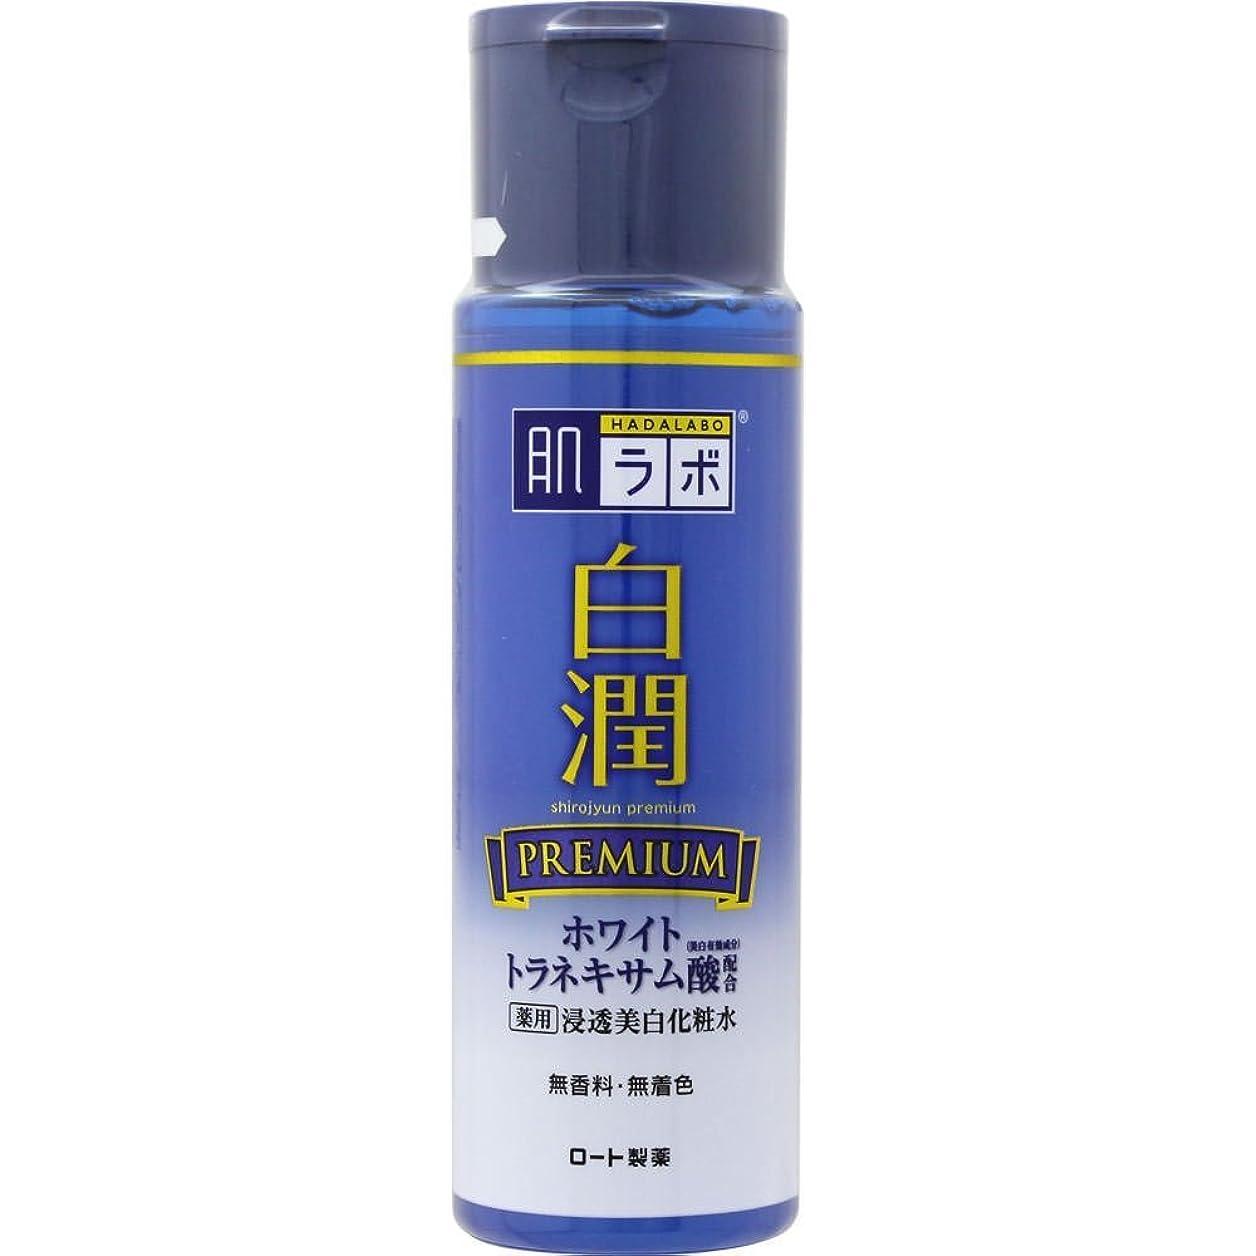 連続的フェンス疑わしい肌ラボ 白潤プレミアム 薬用浸透美白化粧水 170mL (医薬部外品)